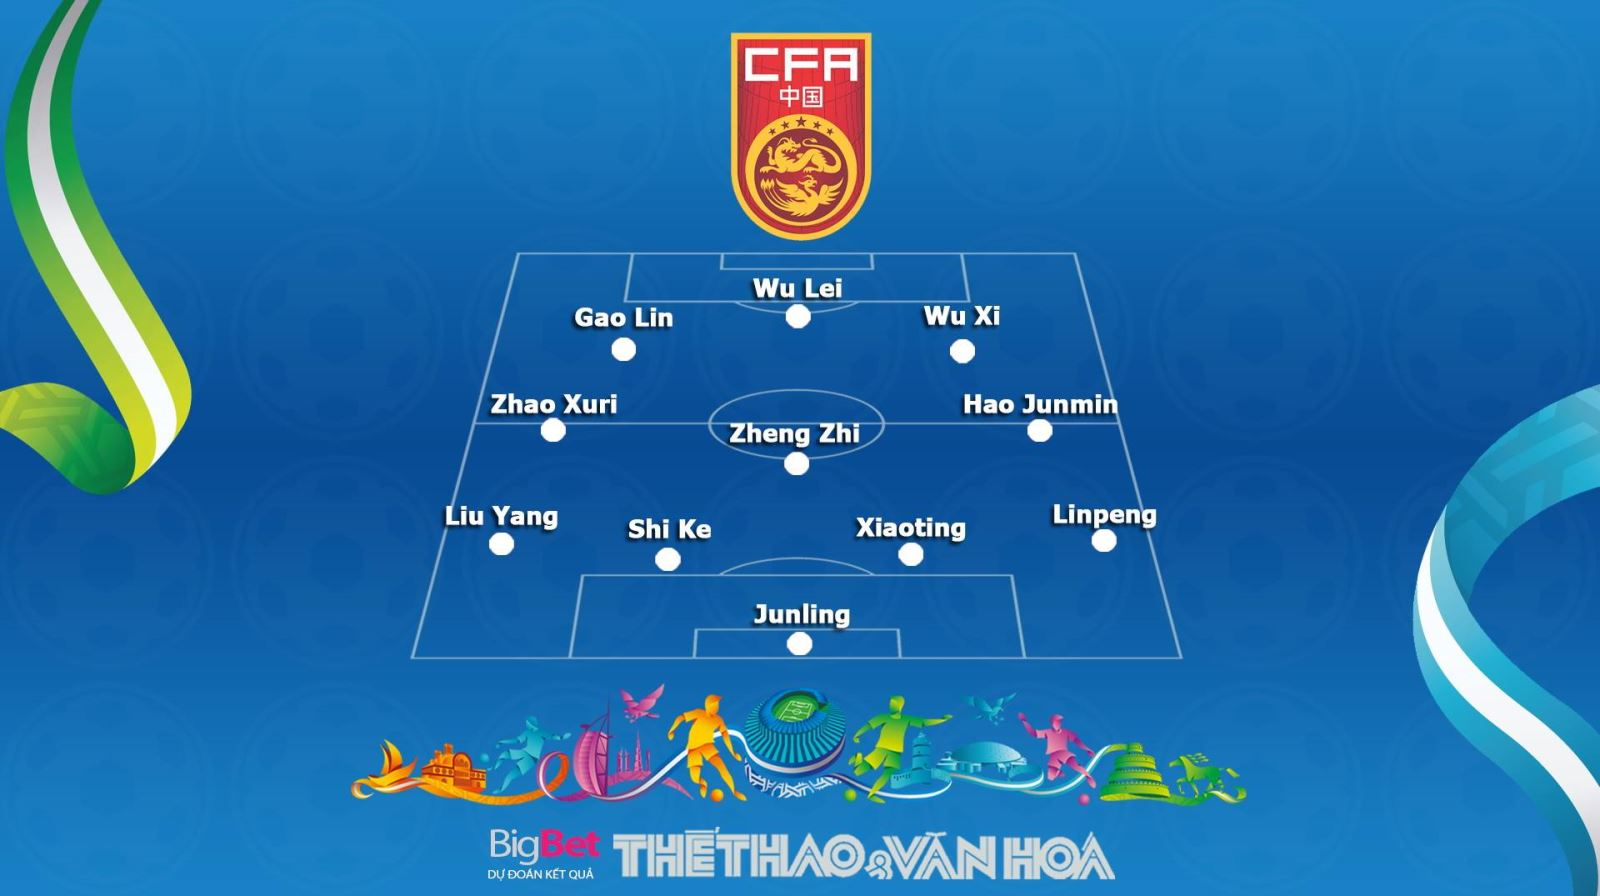 Thái Lan vs Trung Quốc, Thai Lan vs Trung Quoc, Thailand vs China, Trung Quốc vs Thái Lan, Thái Lan với Trung Quốc, Thái Lan đấu với Trung Quốc, Thái Lan gặp Trung Quốc, TL vs TQ, Thái Lan, Thai Lan, Thailand, Trung Quốc, Trung Quoc, China